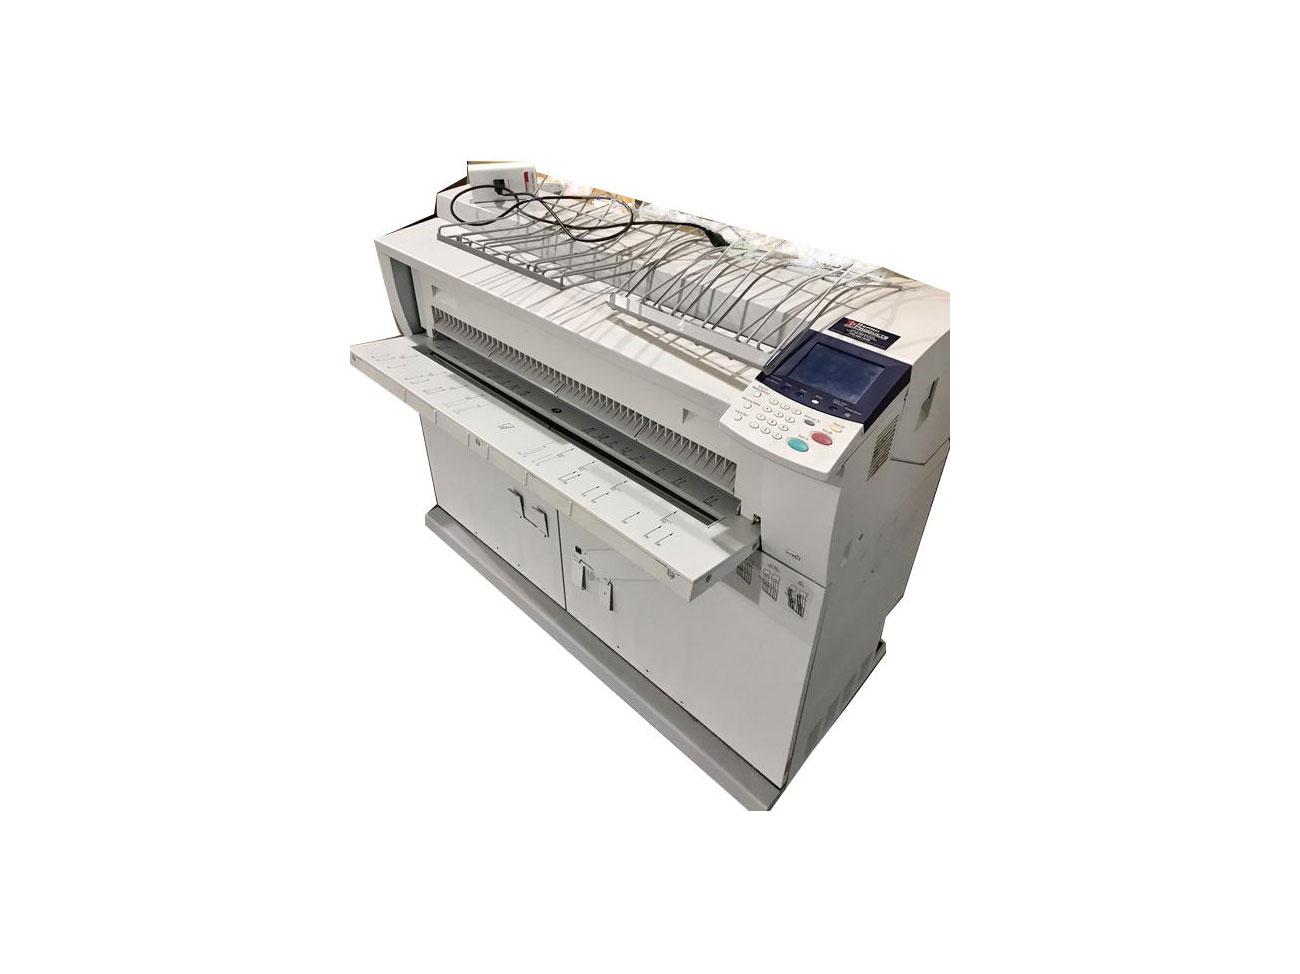 Fotocopiadora Xerox 6204 usada